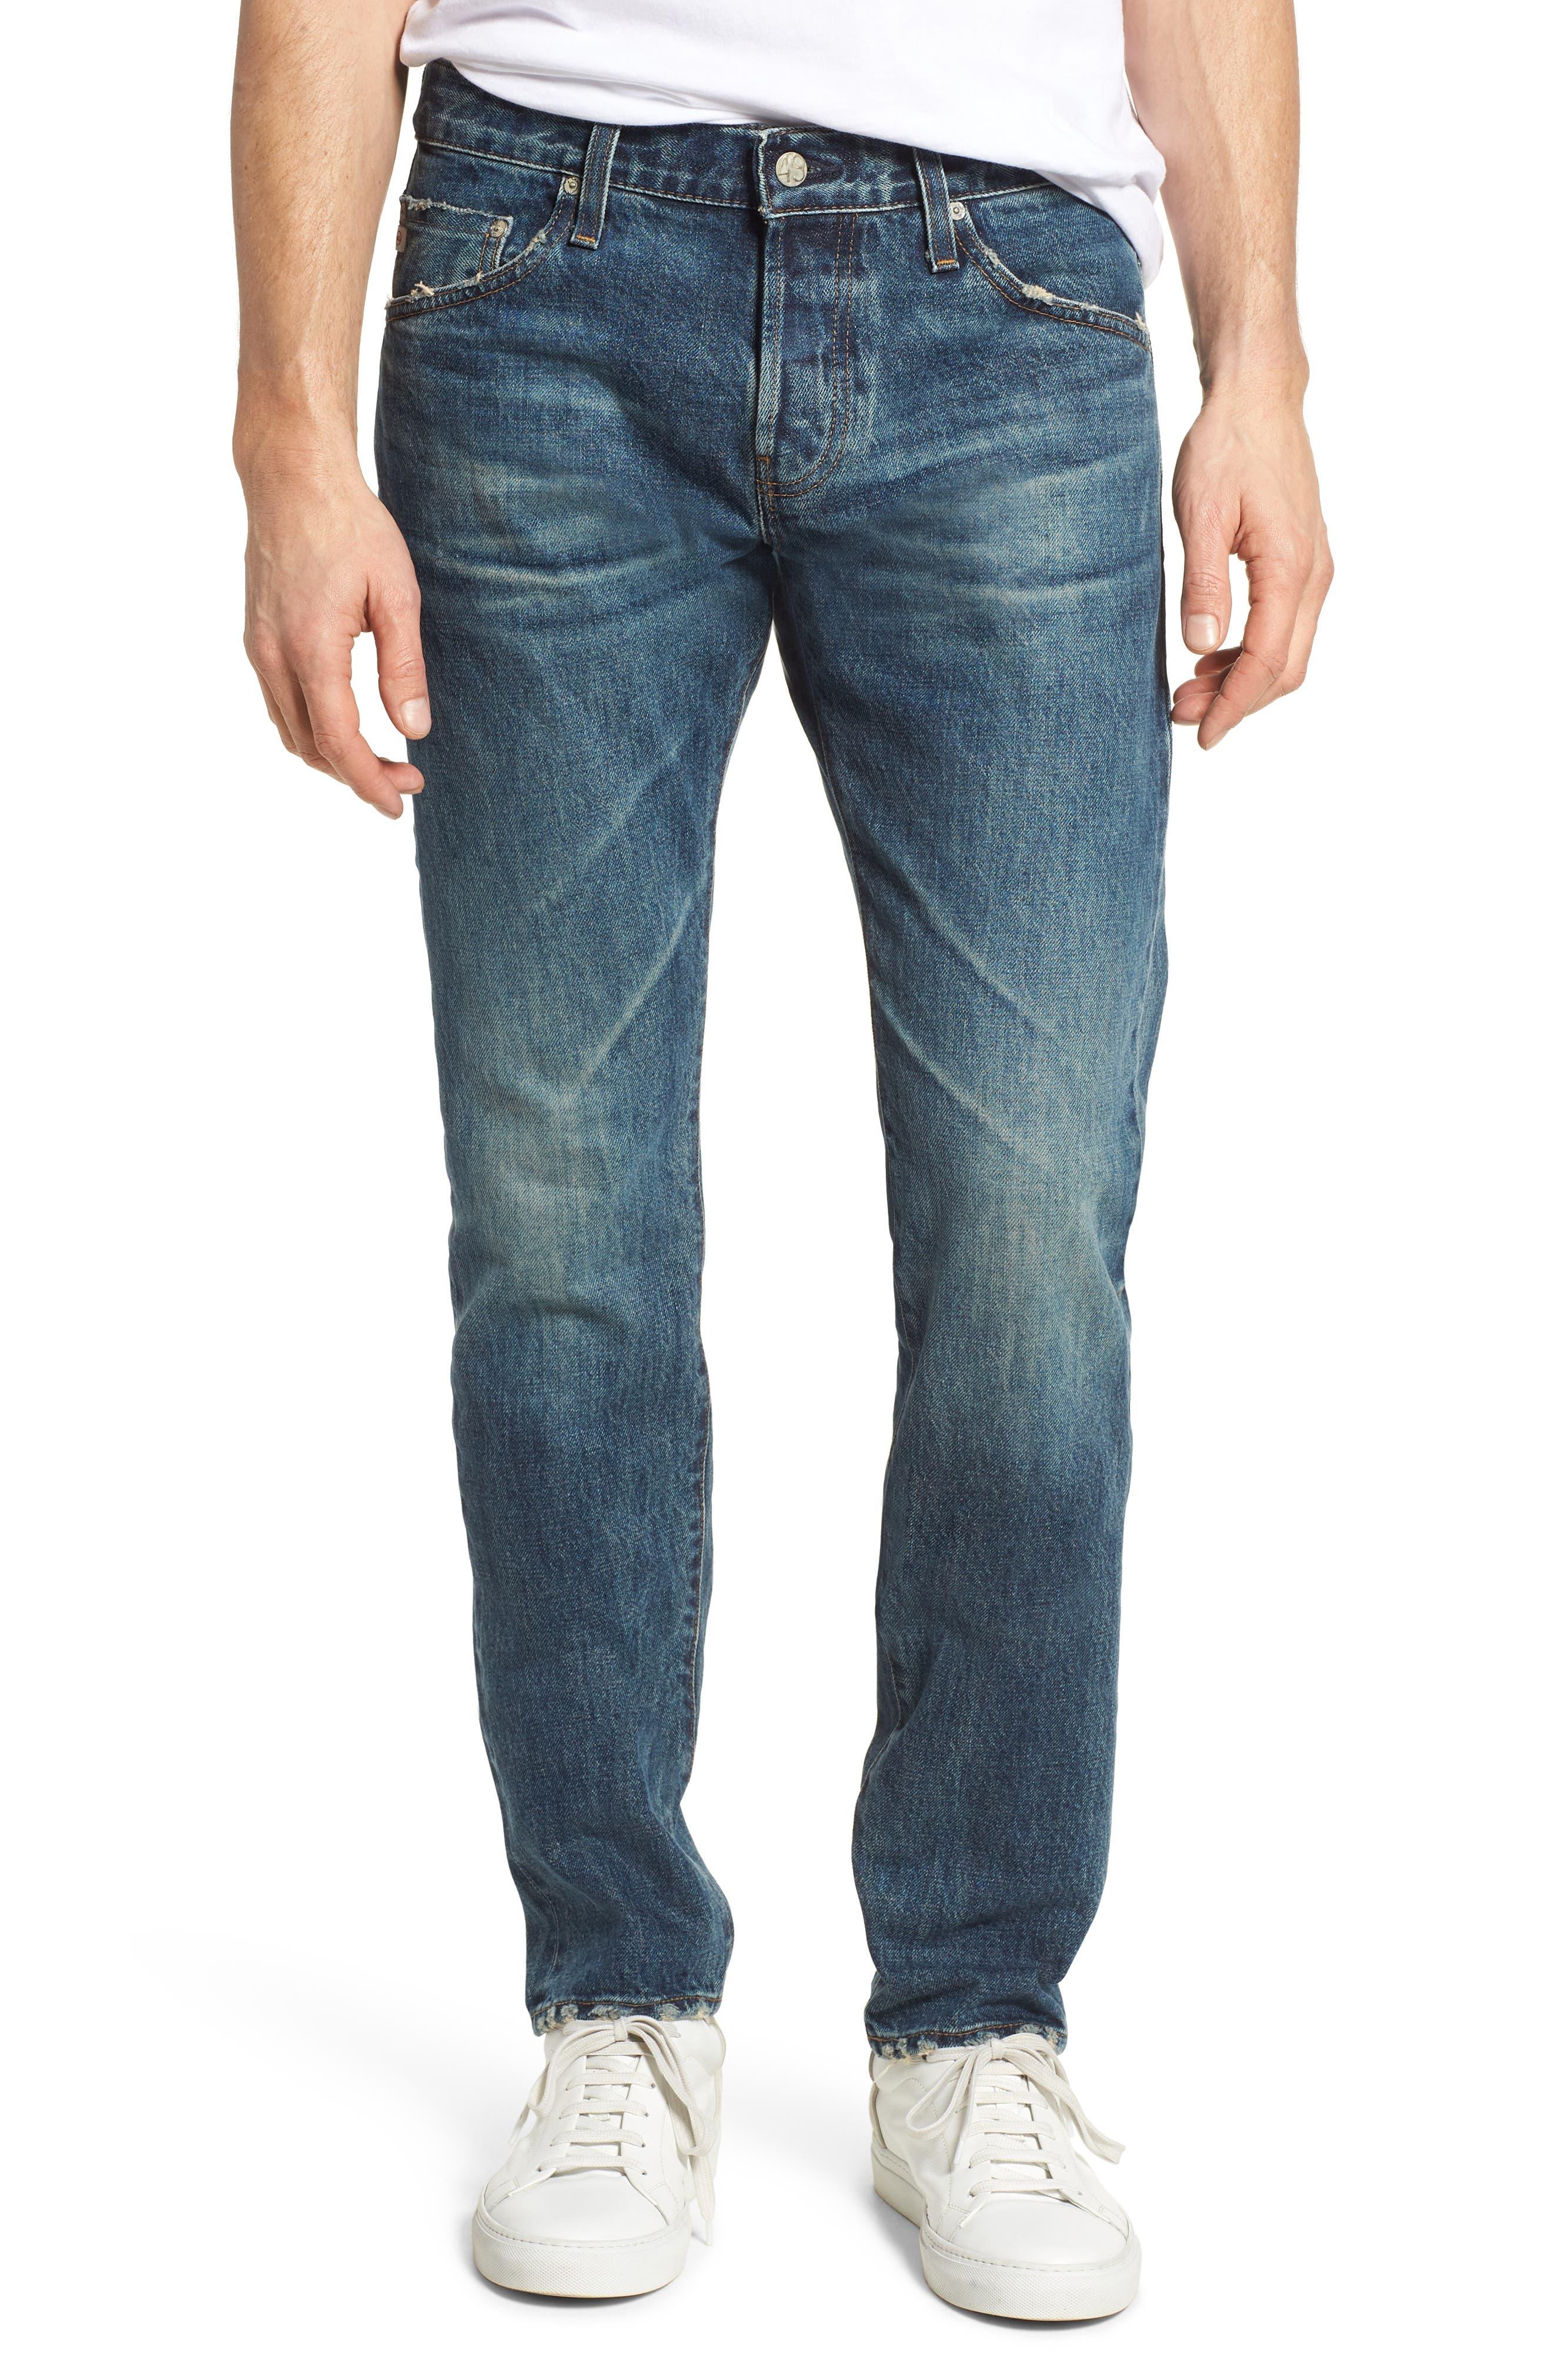 Tellis Slim Fit Jeans,                             Main thumbnail 1, color,                             417